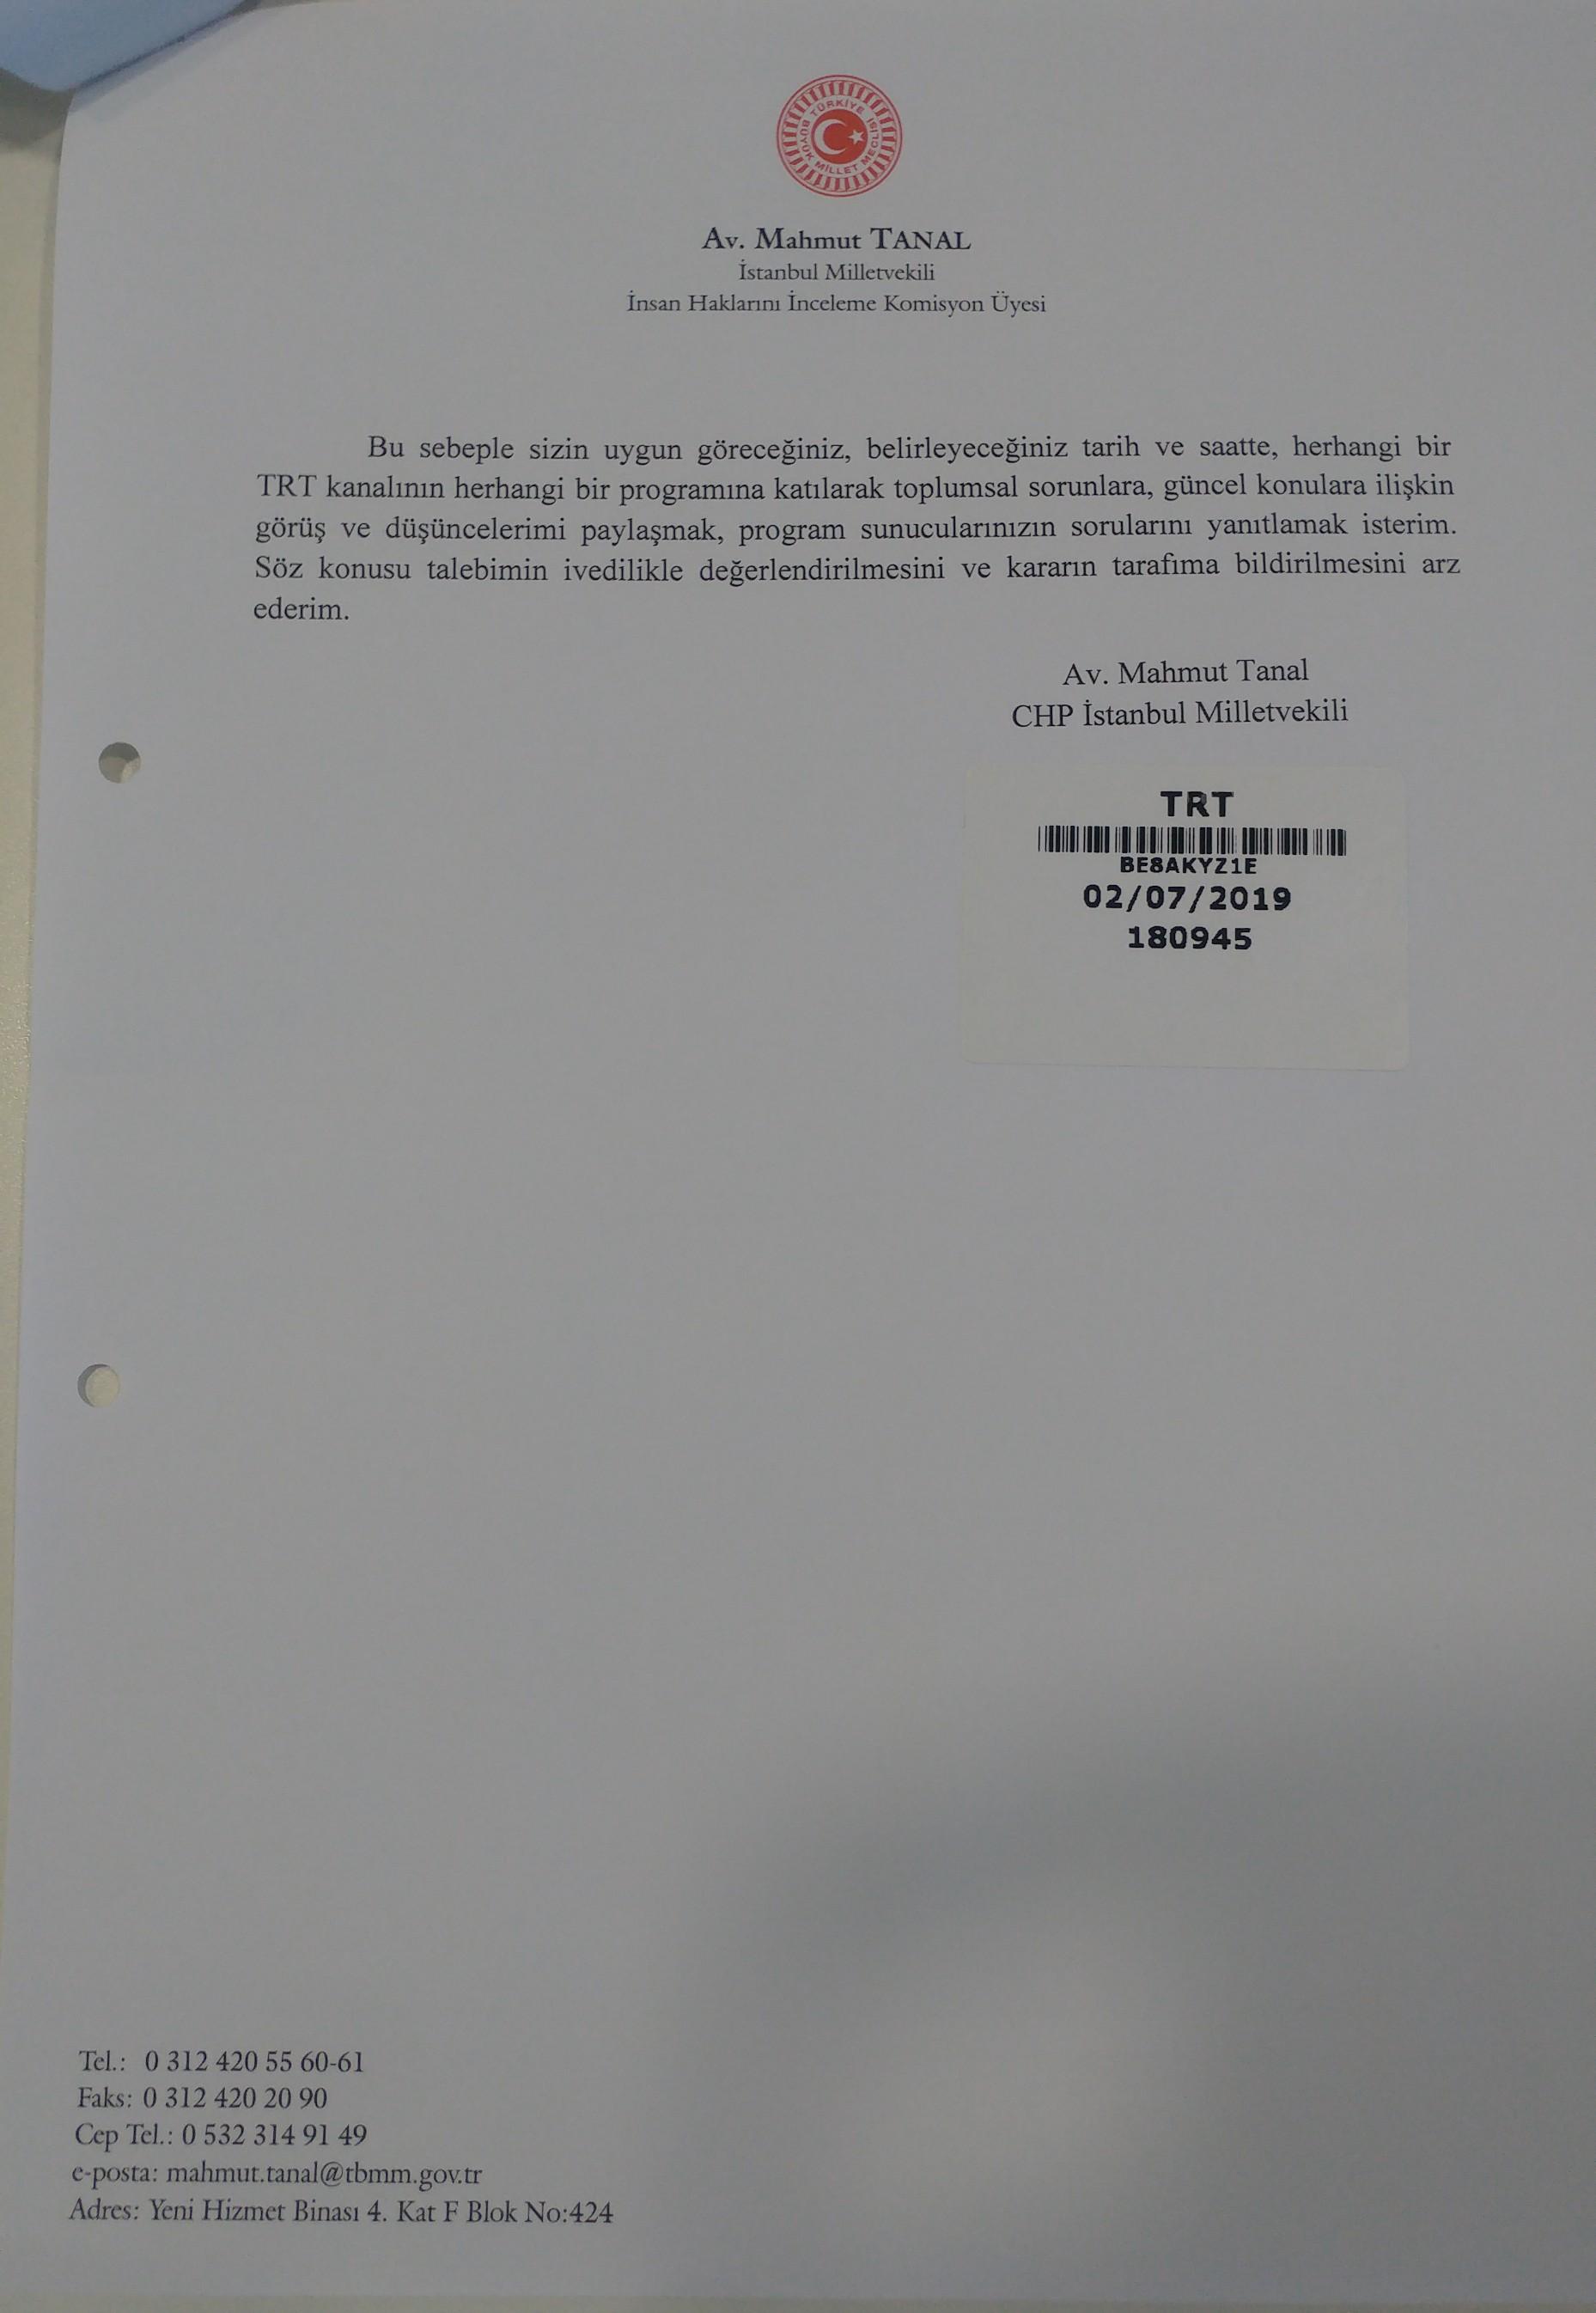 Tanal- TRT Genel Müdürlüğü dilekçe 2.jpg